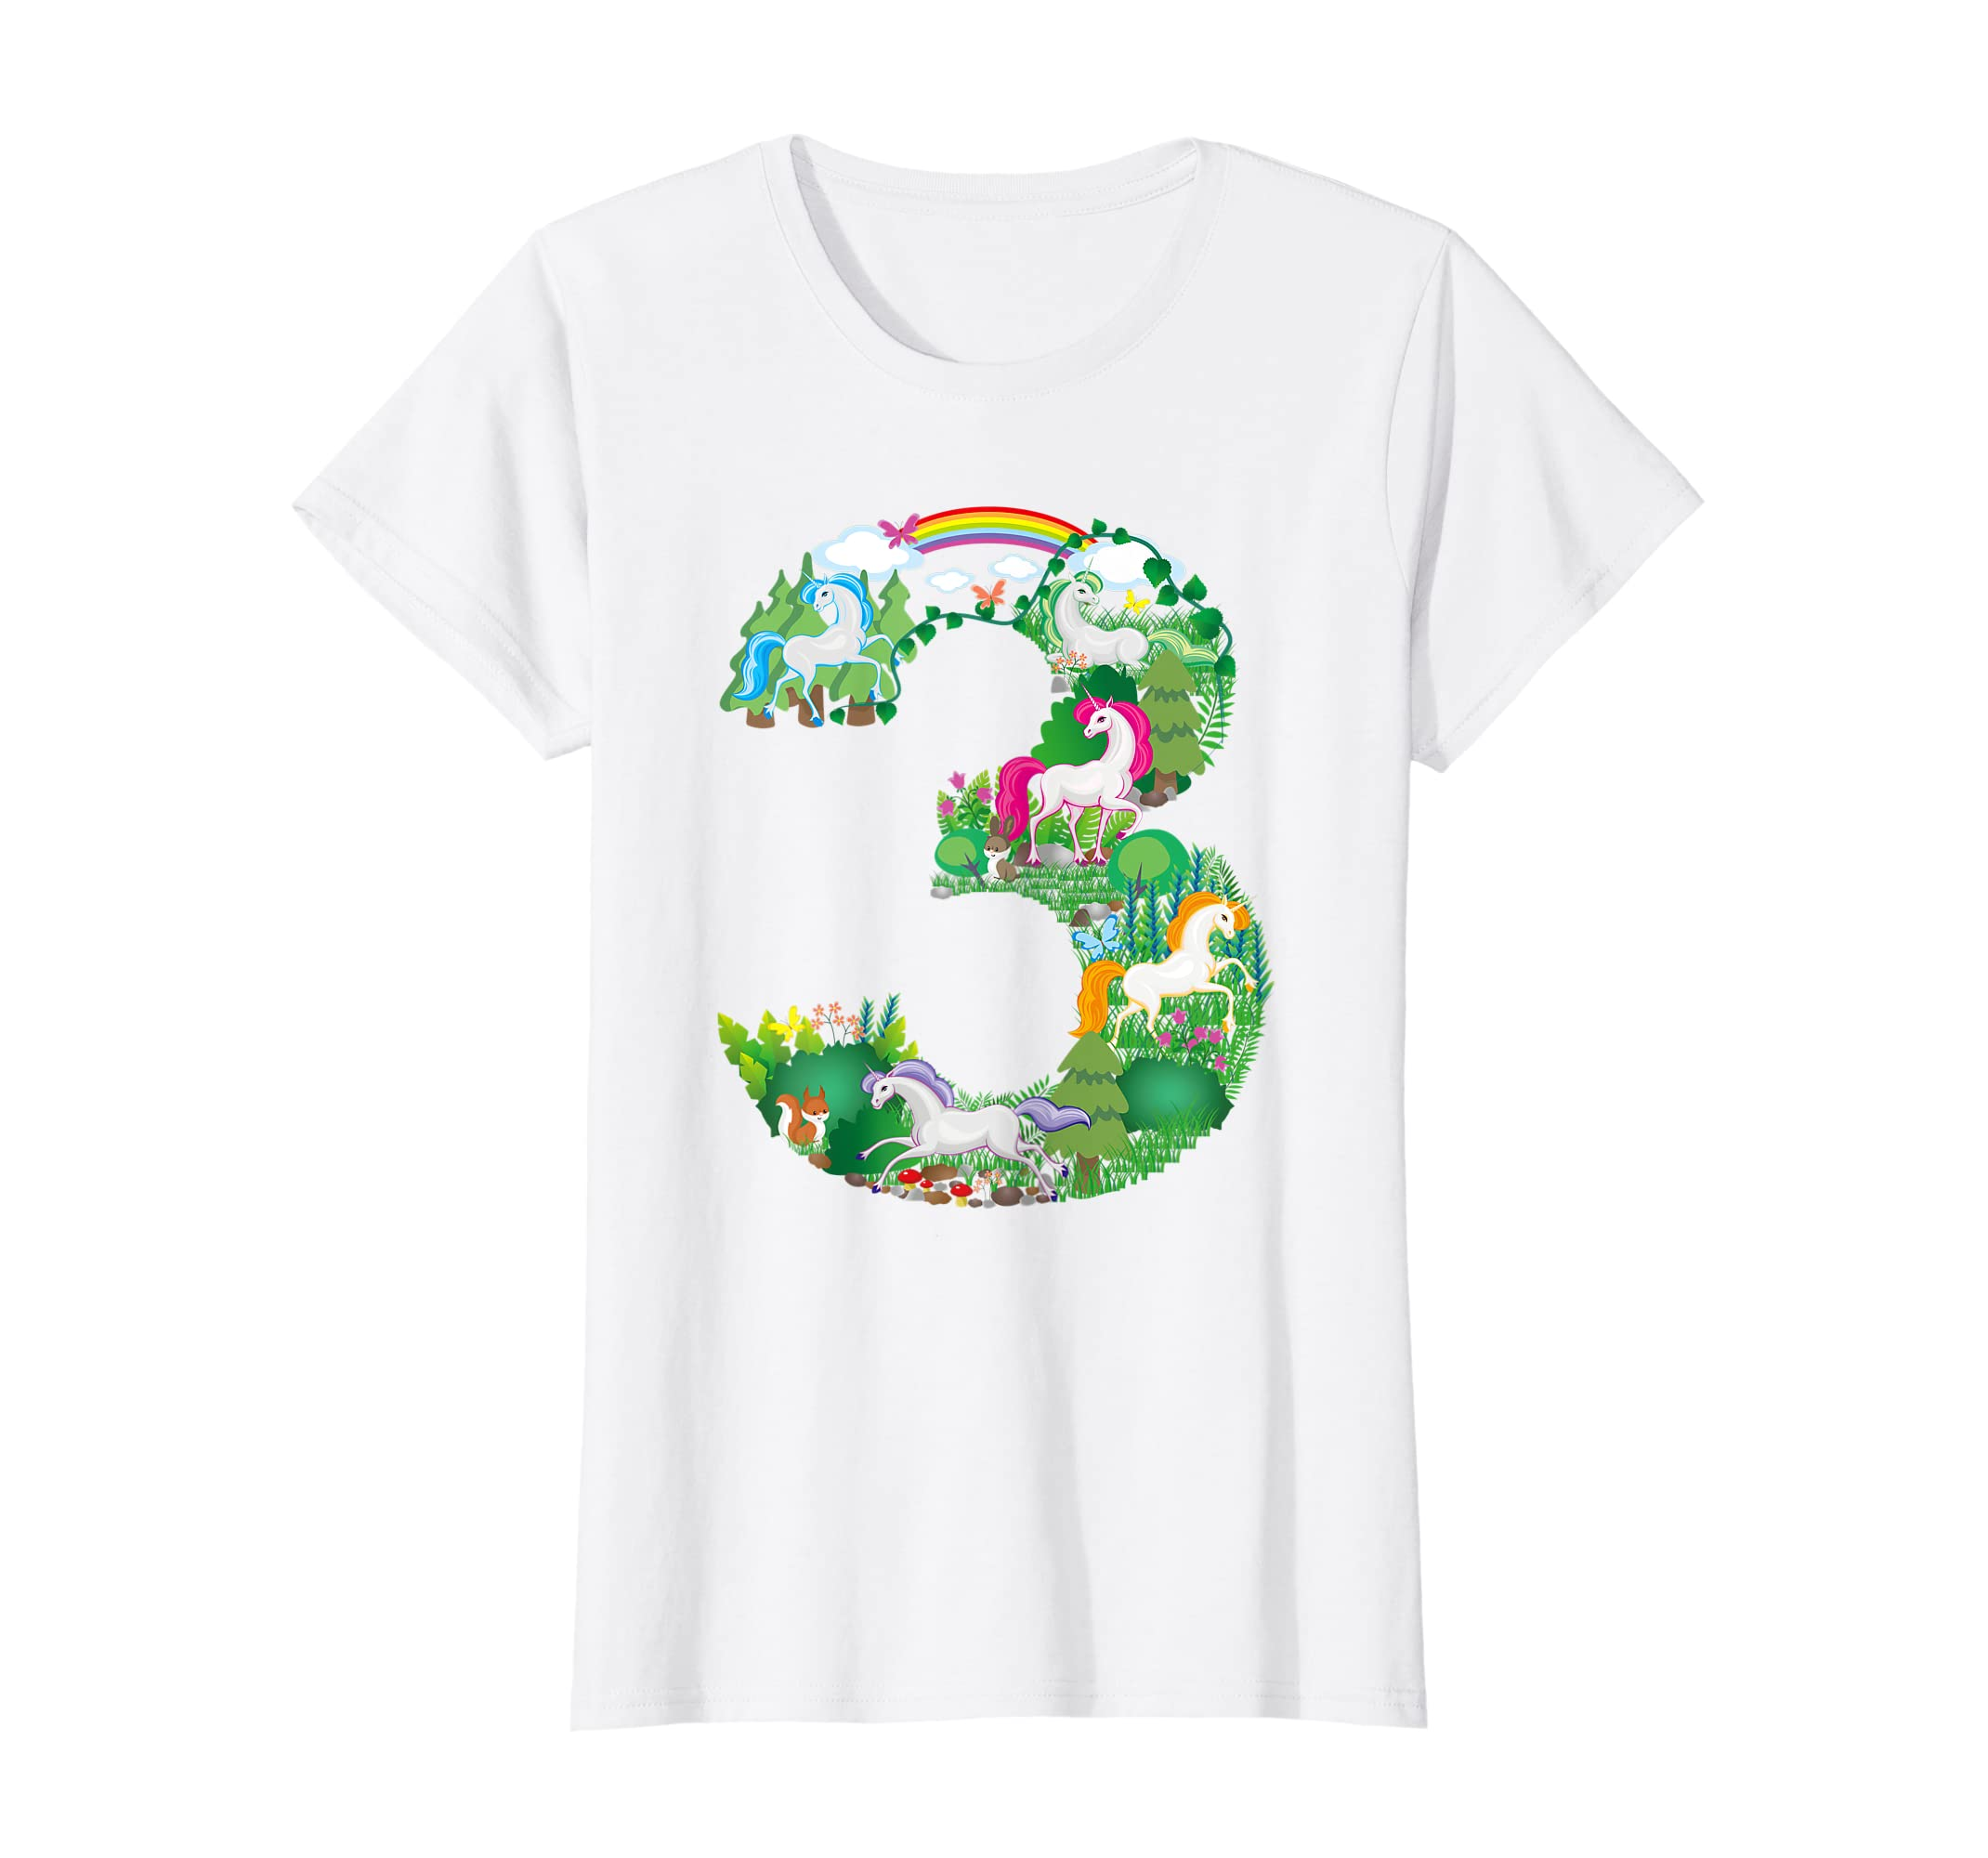 Amazon Unicorn Enchanted Forest Scene Third Birthday Number T Shirt Clothing